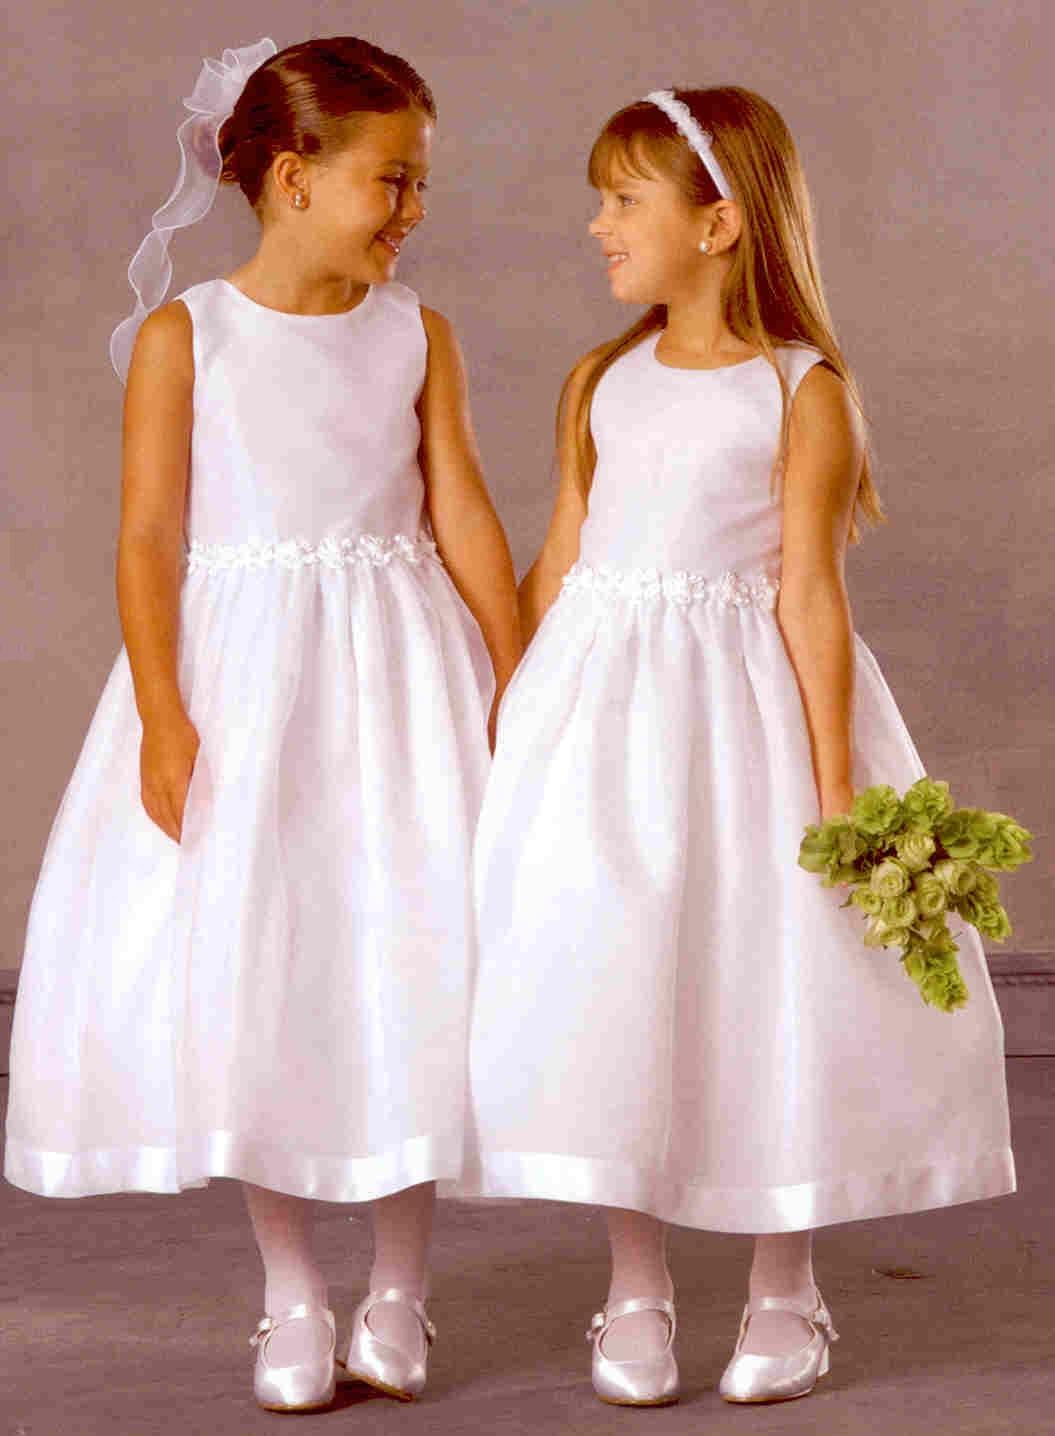 Flower girls dress wedding inspiration trends for Girl dress for wedding